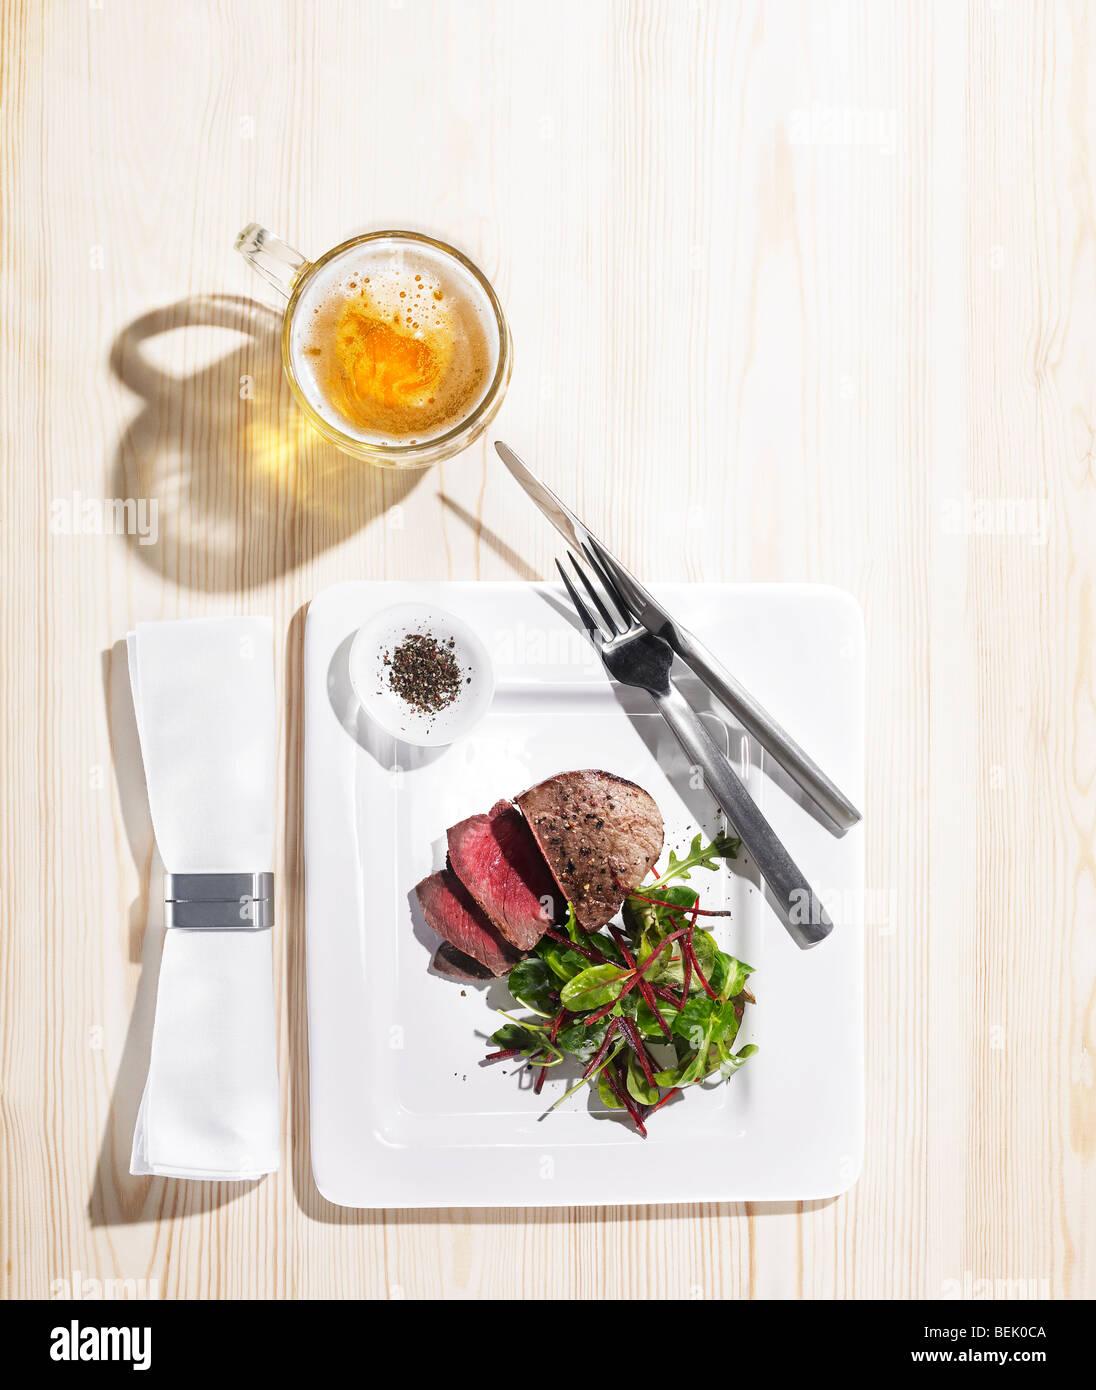 Rôti de bœuf servi avec une salade d'épinards et betteraves, de poivre noir et d'une pinte de bière Banque D'Images